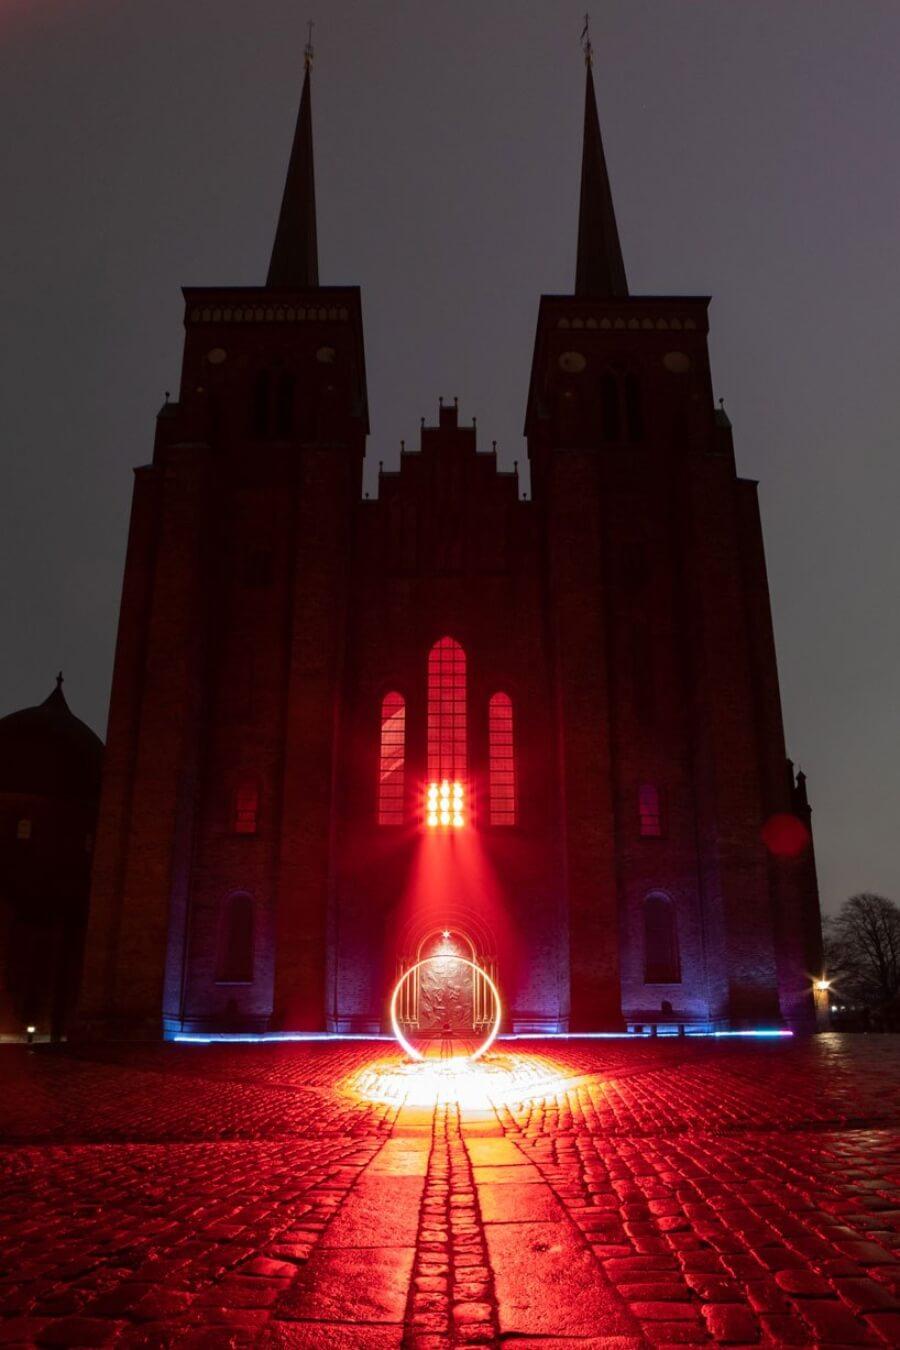 Lux Nova la instalación que ilumina catedral de Dinamarca